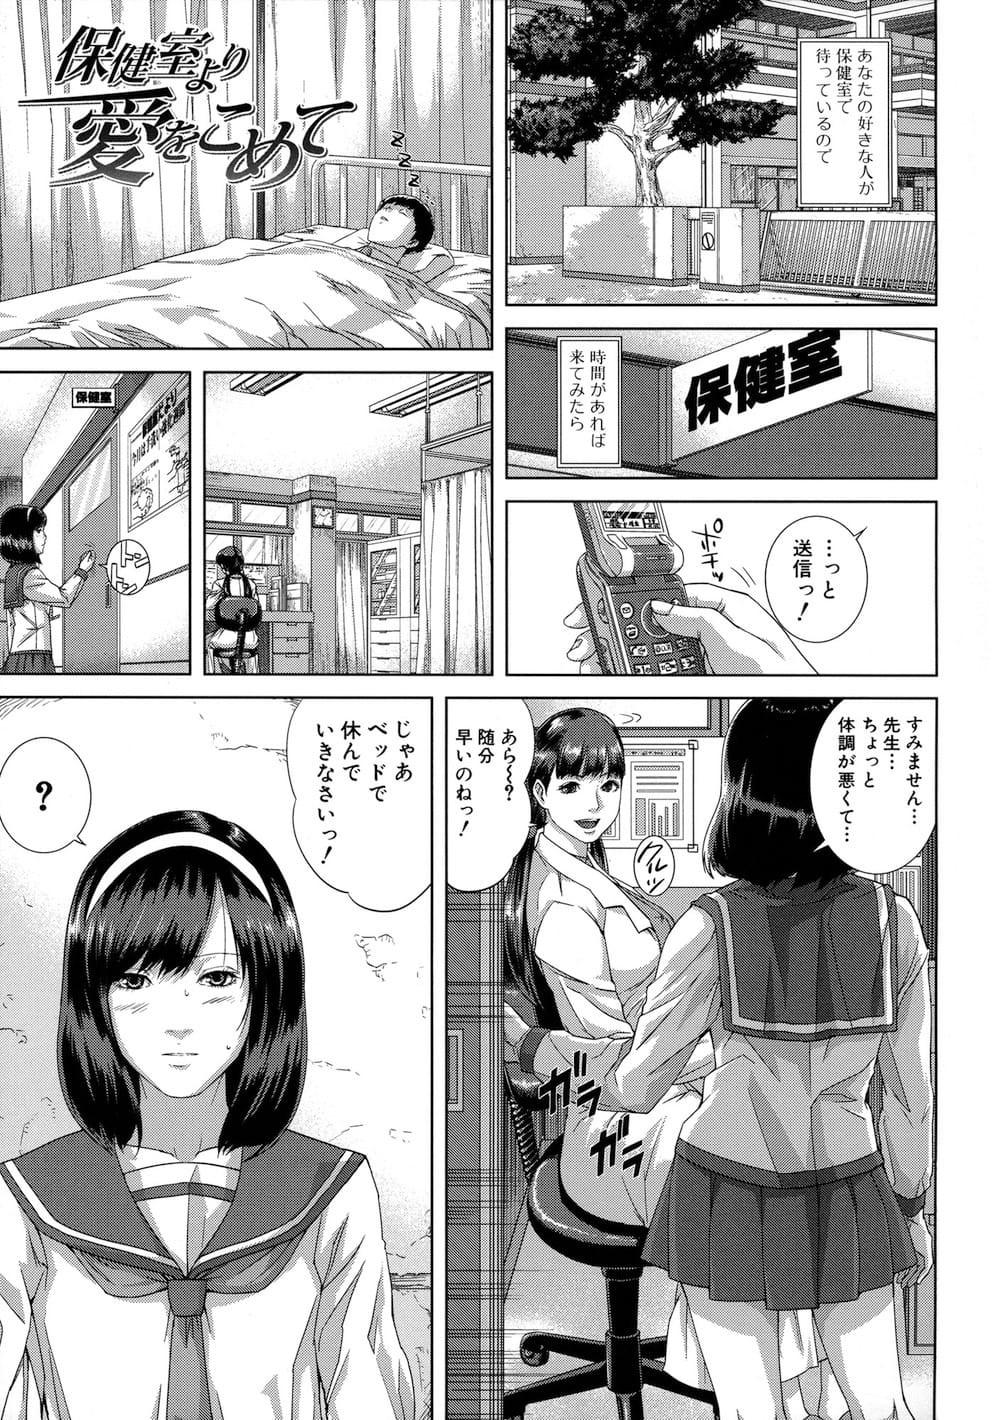 【エロ同人・エロ漫画】保健室で生徒同士と教師同士の二組のカップルが一緒にセックスしちゃうwww